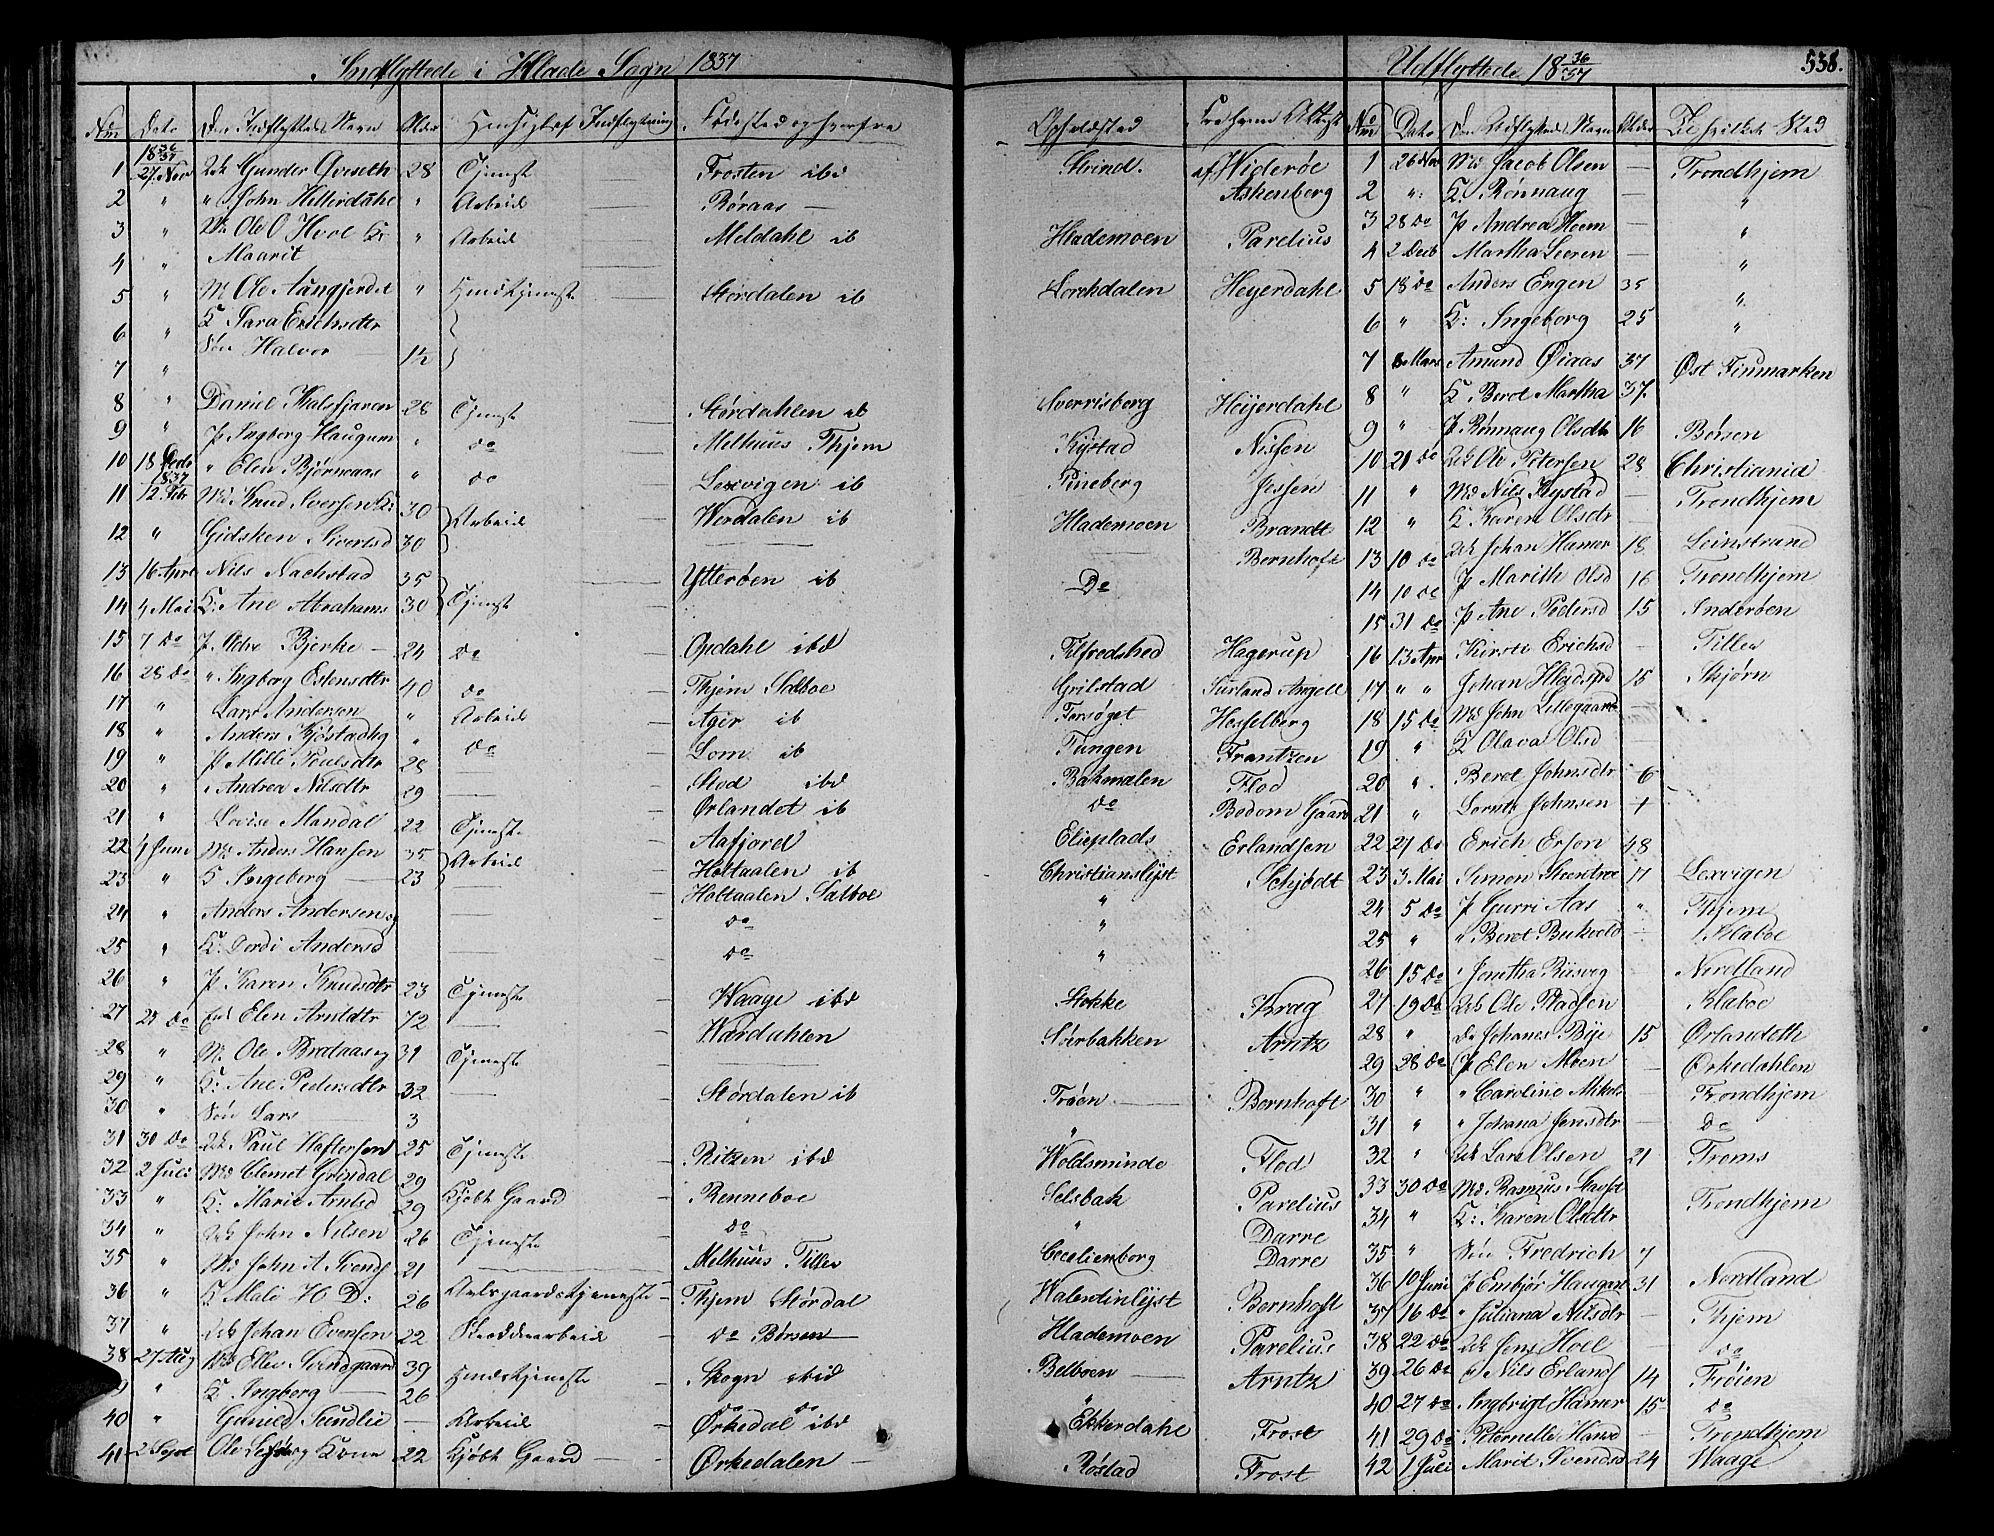 SAT, Ministerialprotokoller, klokkerbøker og fødselsregistre - Sør-Trøndelag, 606/L0286: Ministerialbok nr. 606A04 /1, 1823-1840, s. 538